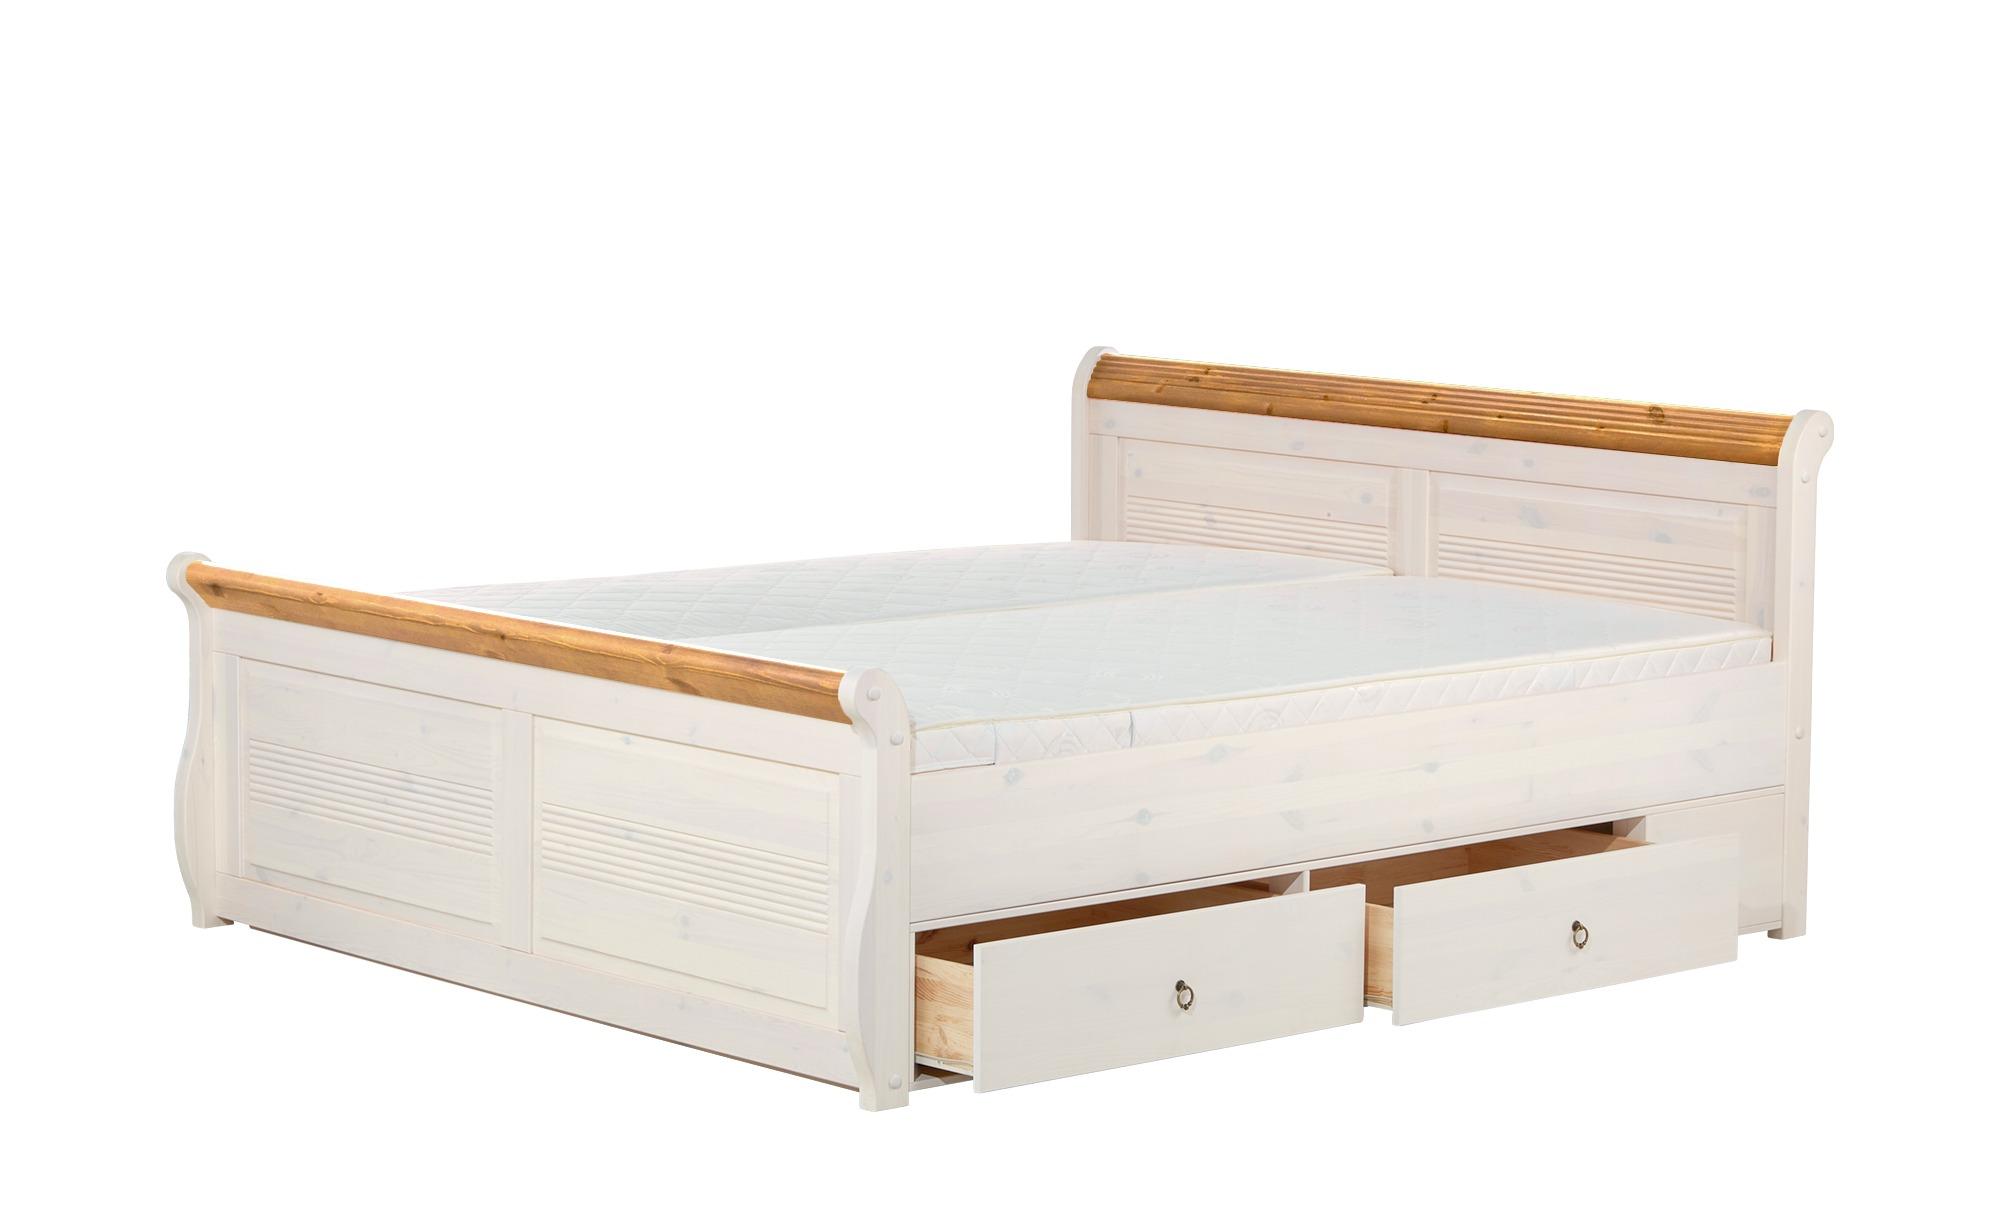 Full Size of Bett 100x200 Bettgestell Wei Kiefer Landhaus Stil Bornholm Balinesische Betten 220 X Gebrauchte Massiv 90x200 Mit Lattenrost Matratze 120x200 Bettkasten Bett Bett 100x200